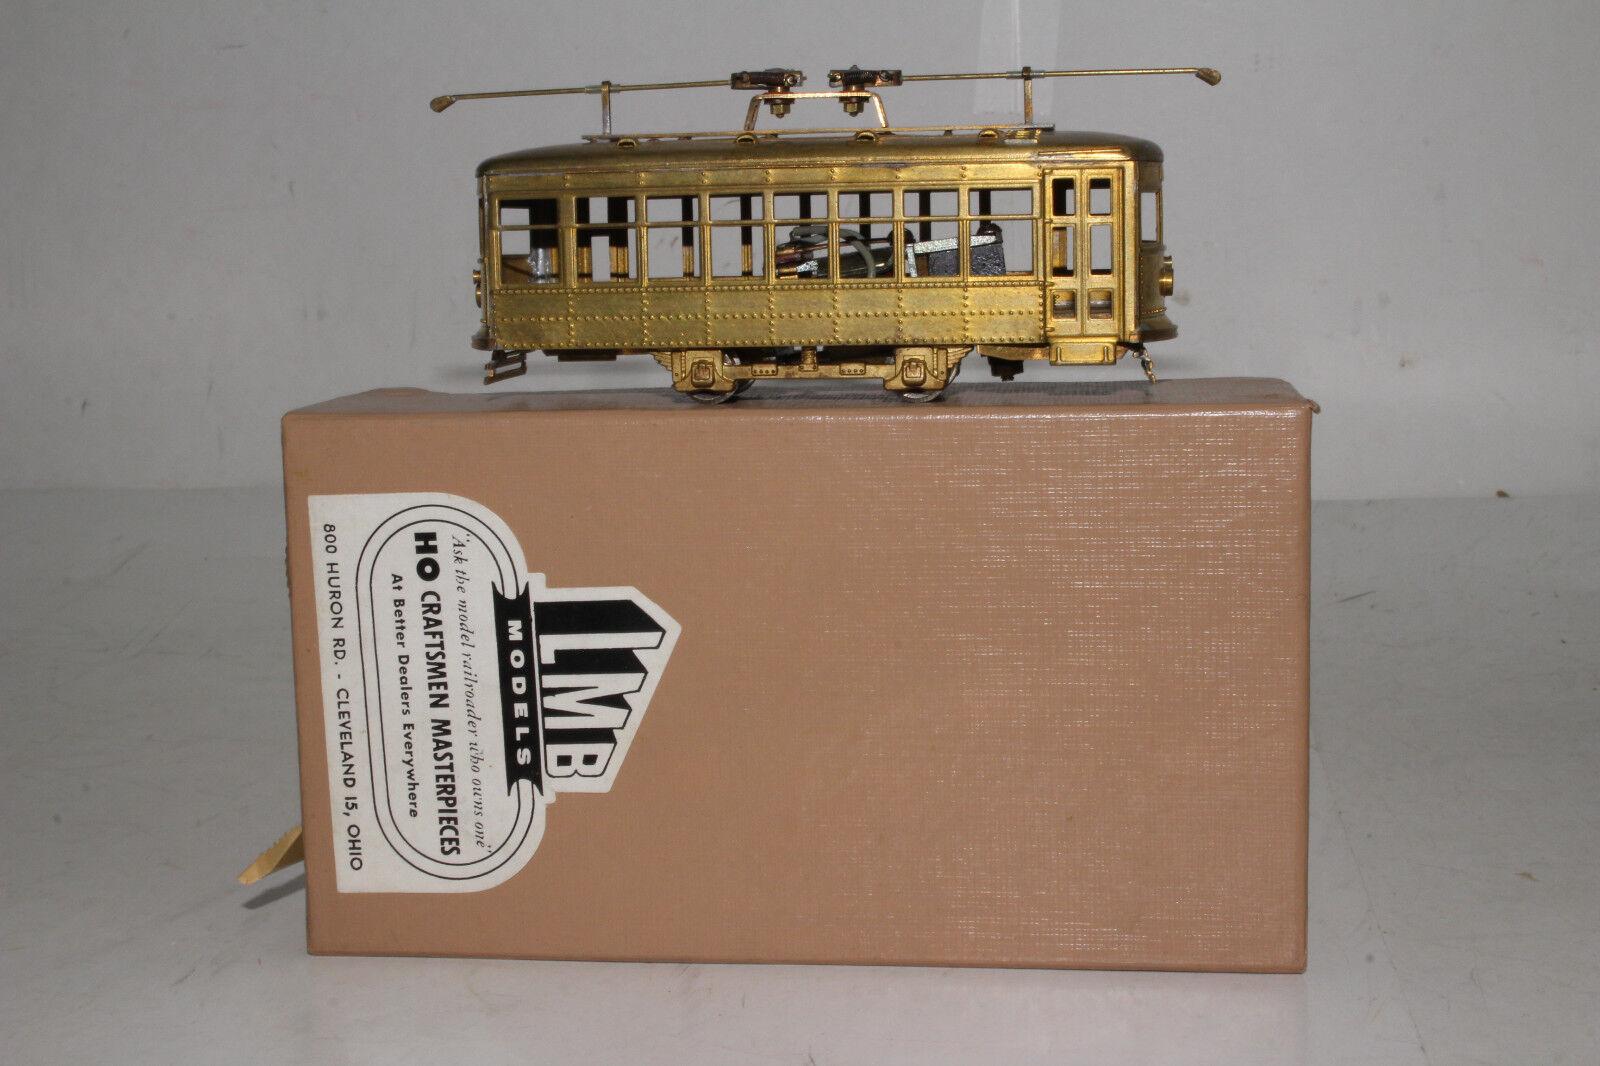 LMB modellololi in OTTONE SCALA HO Birney autorello, Nizza, in scatola, lotto B